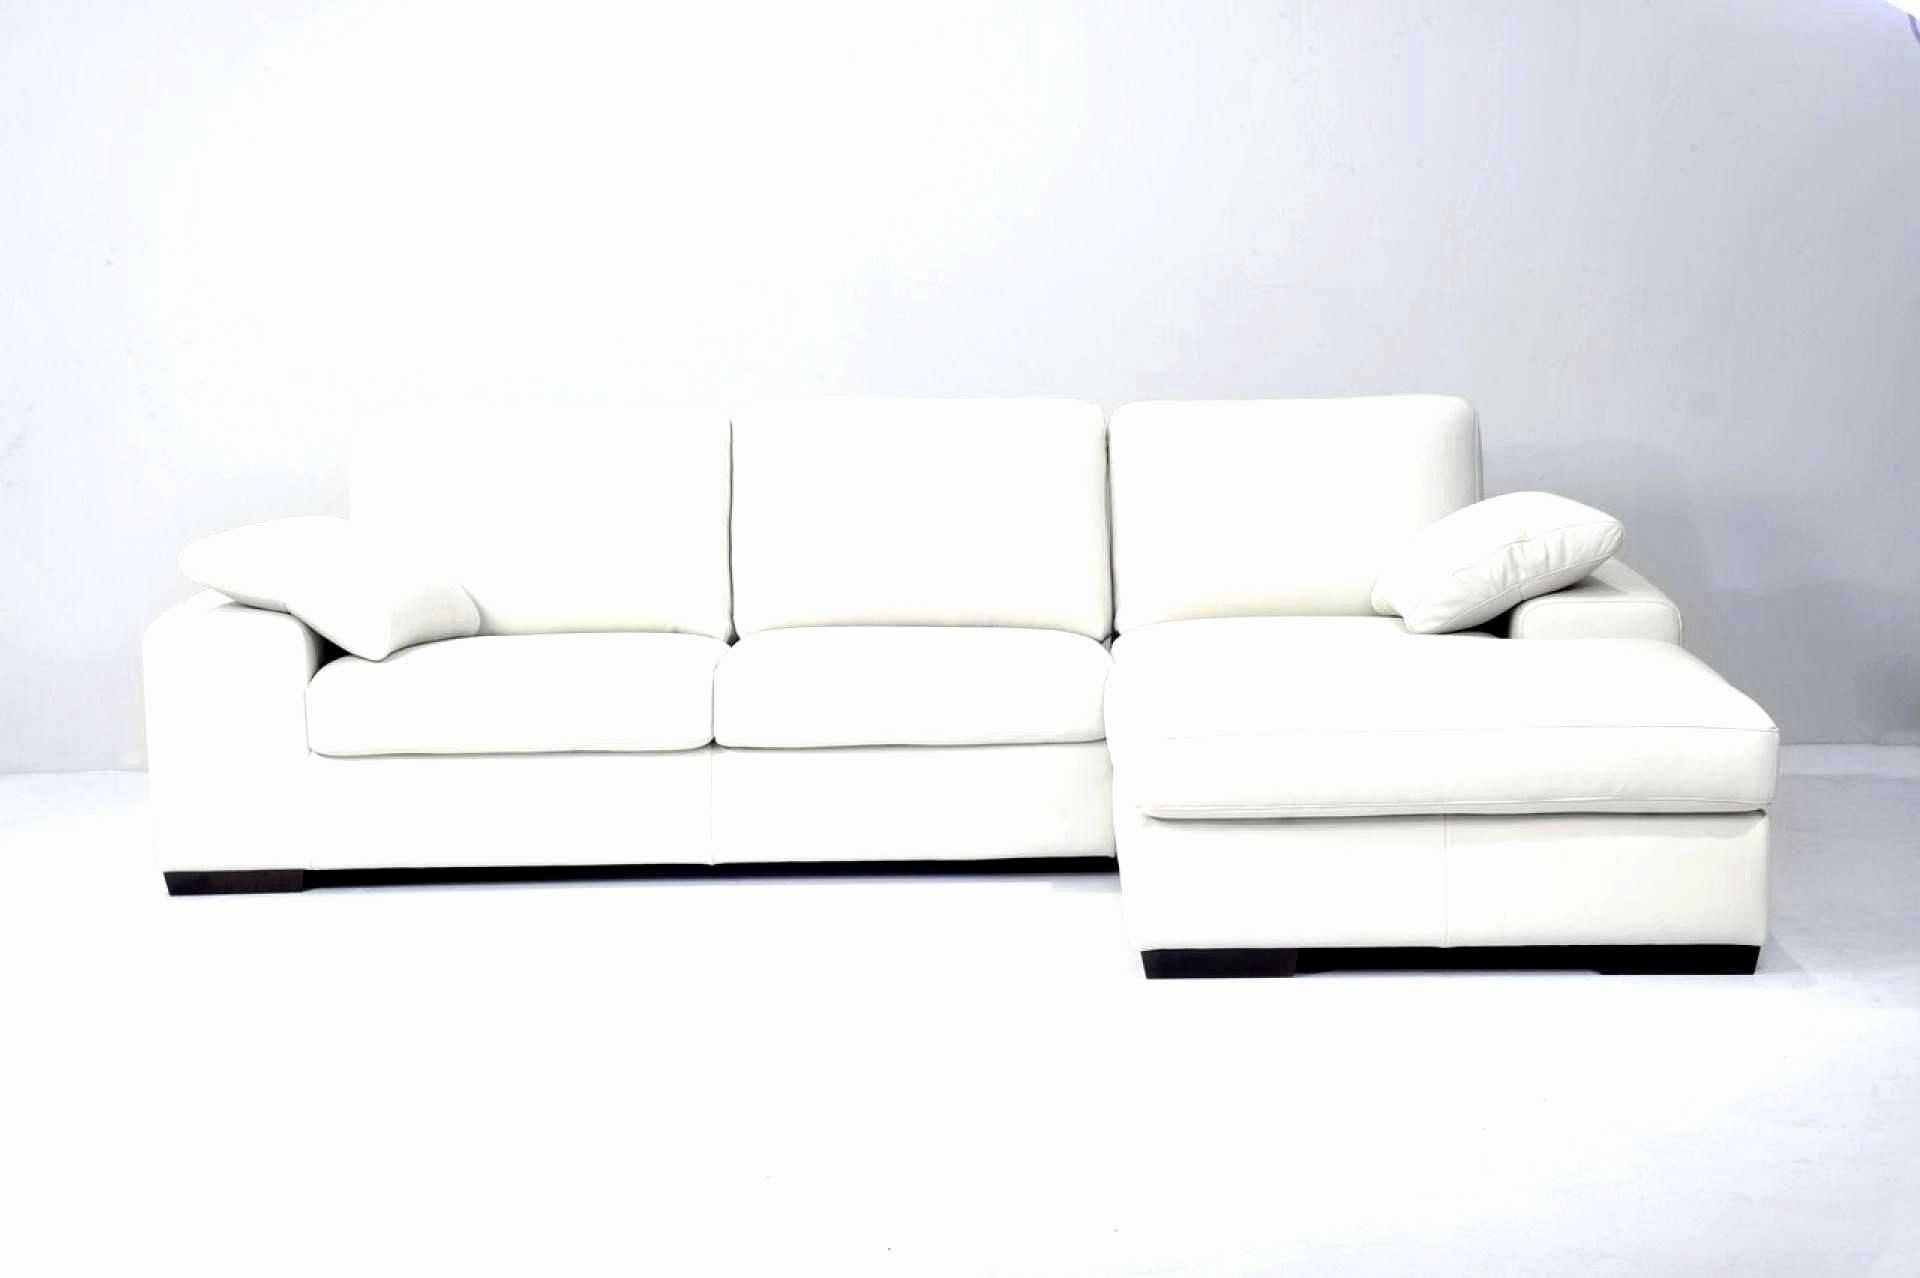 Lit Superposé Triple Meilleur De Lit Mezzanine Avec Clic Clac Ikea